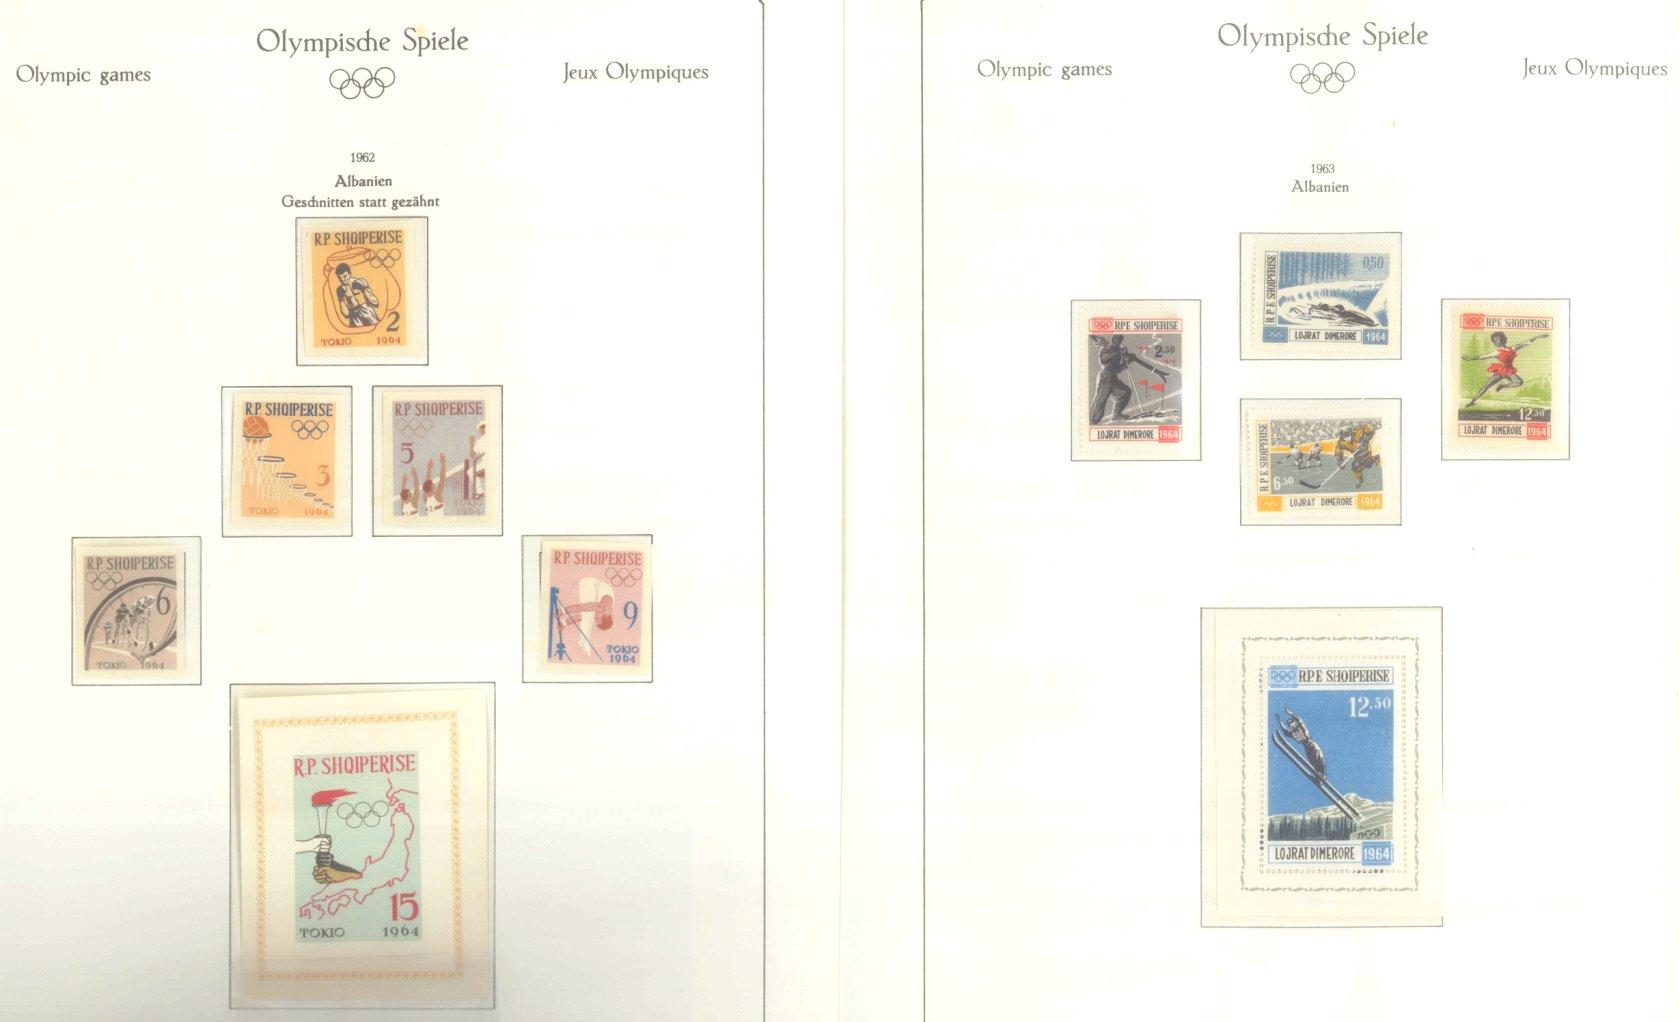 OLYMPISCHE SPIELE 1964 TOKIO, postfrische Sammlung Teil 1-53